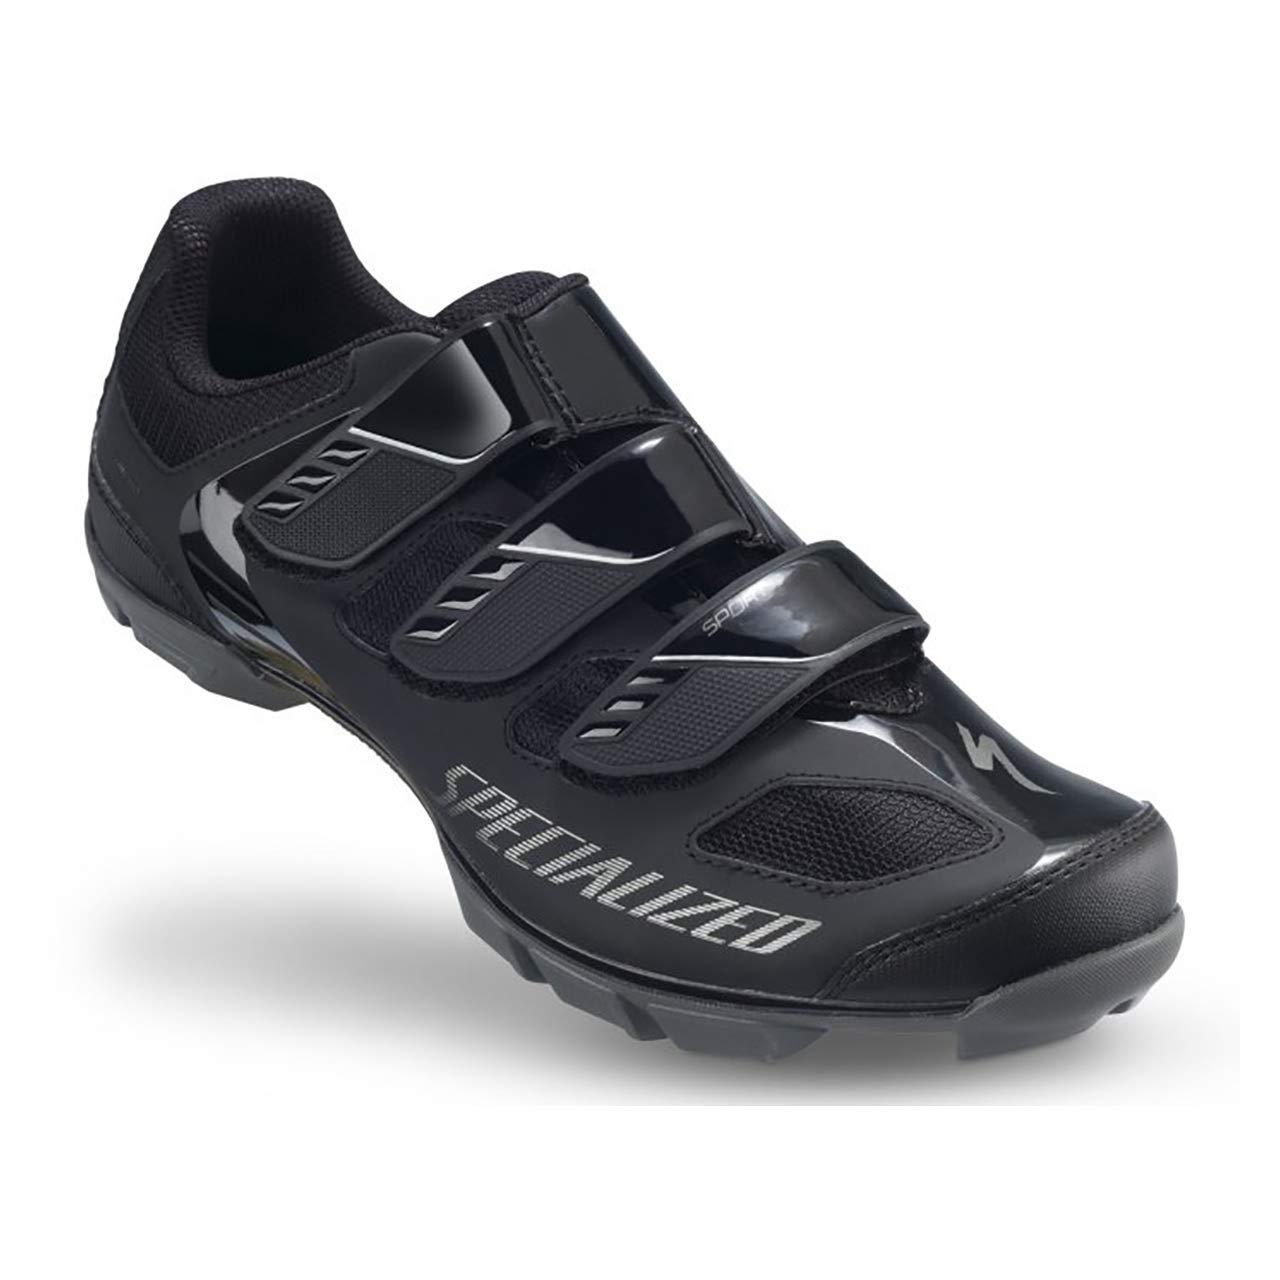 SPECIALIZED Sport bicicleta de montaña guantes negro 2016: Amazon.es: Deportes y aire libre